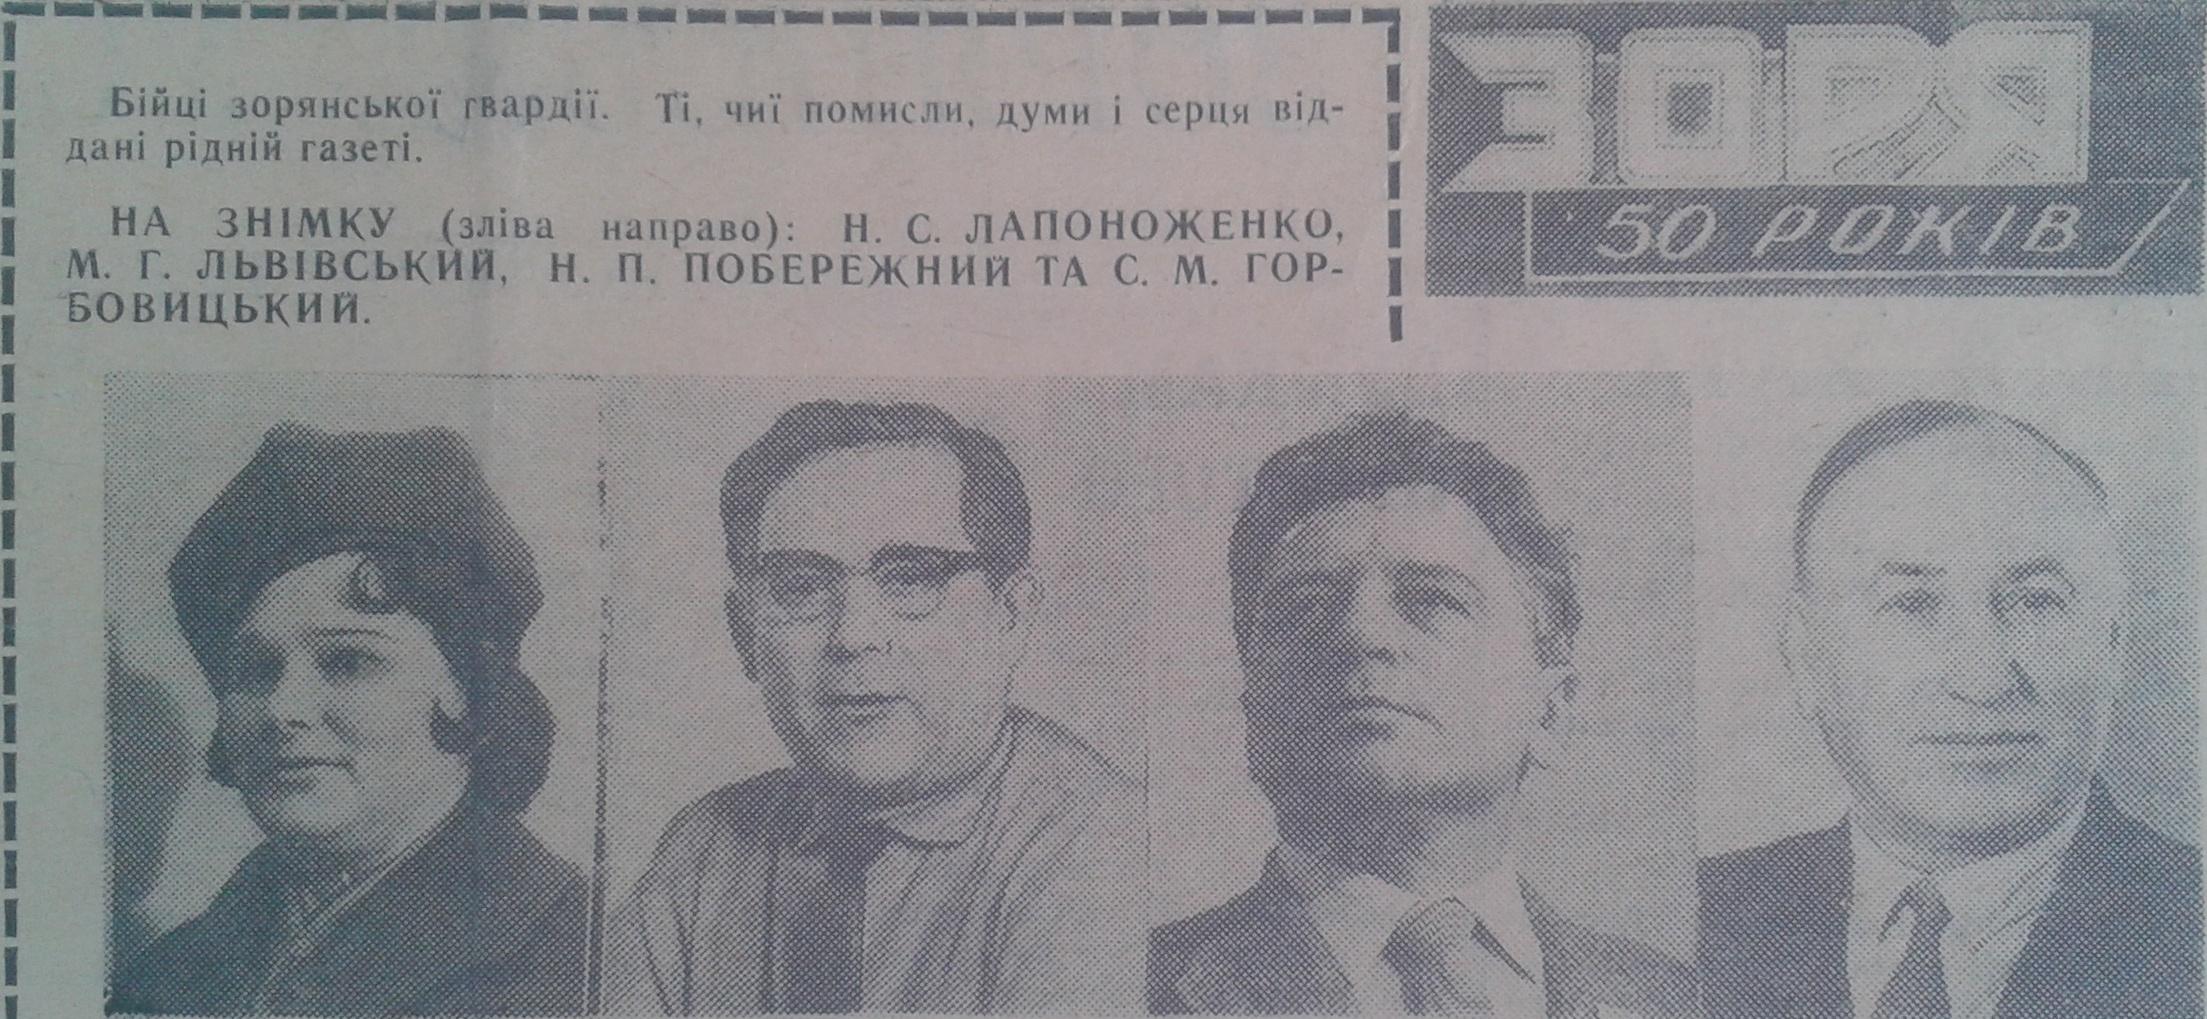 18 ЗОРЯ_1967_Лапоноженко_Львівський_Побережний_Горбовицький